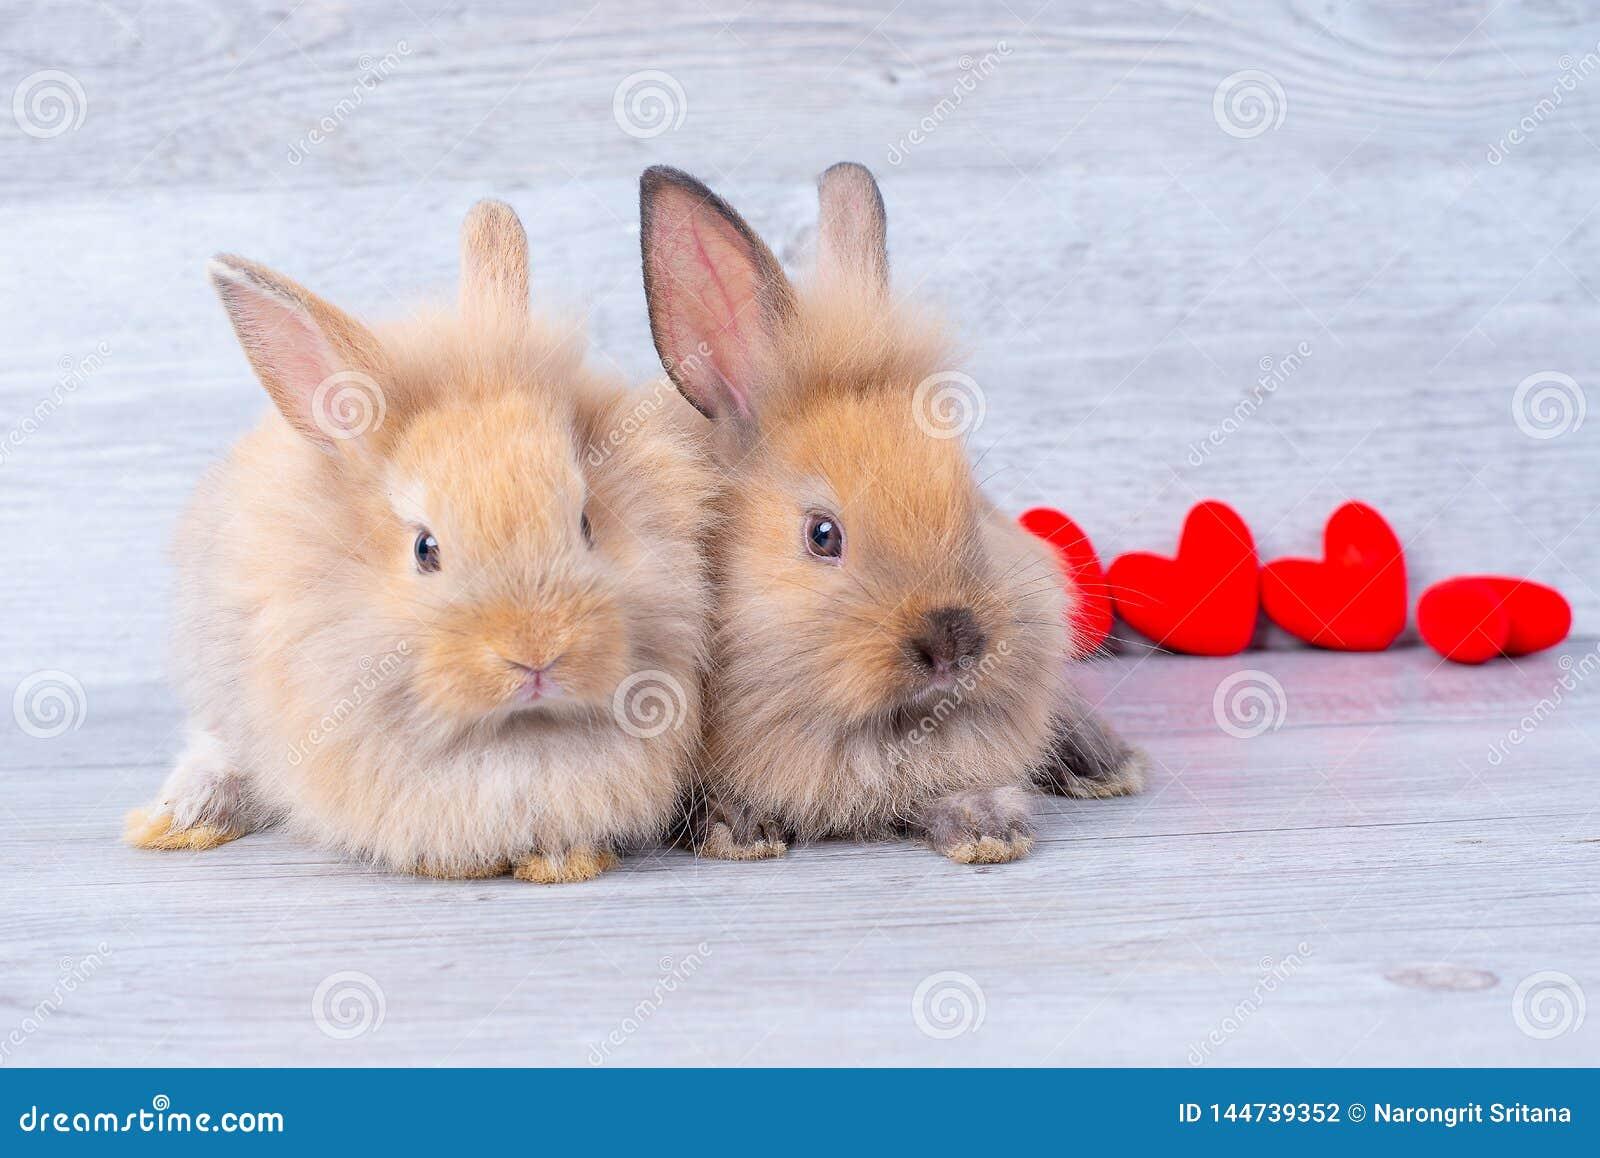 Couplez les petits lapins brun clair sur le fond gris dans le thème de valentines avec le mini coeur derrière eux